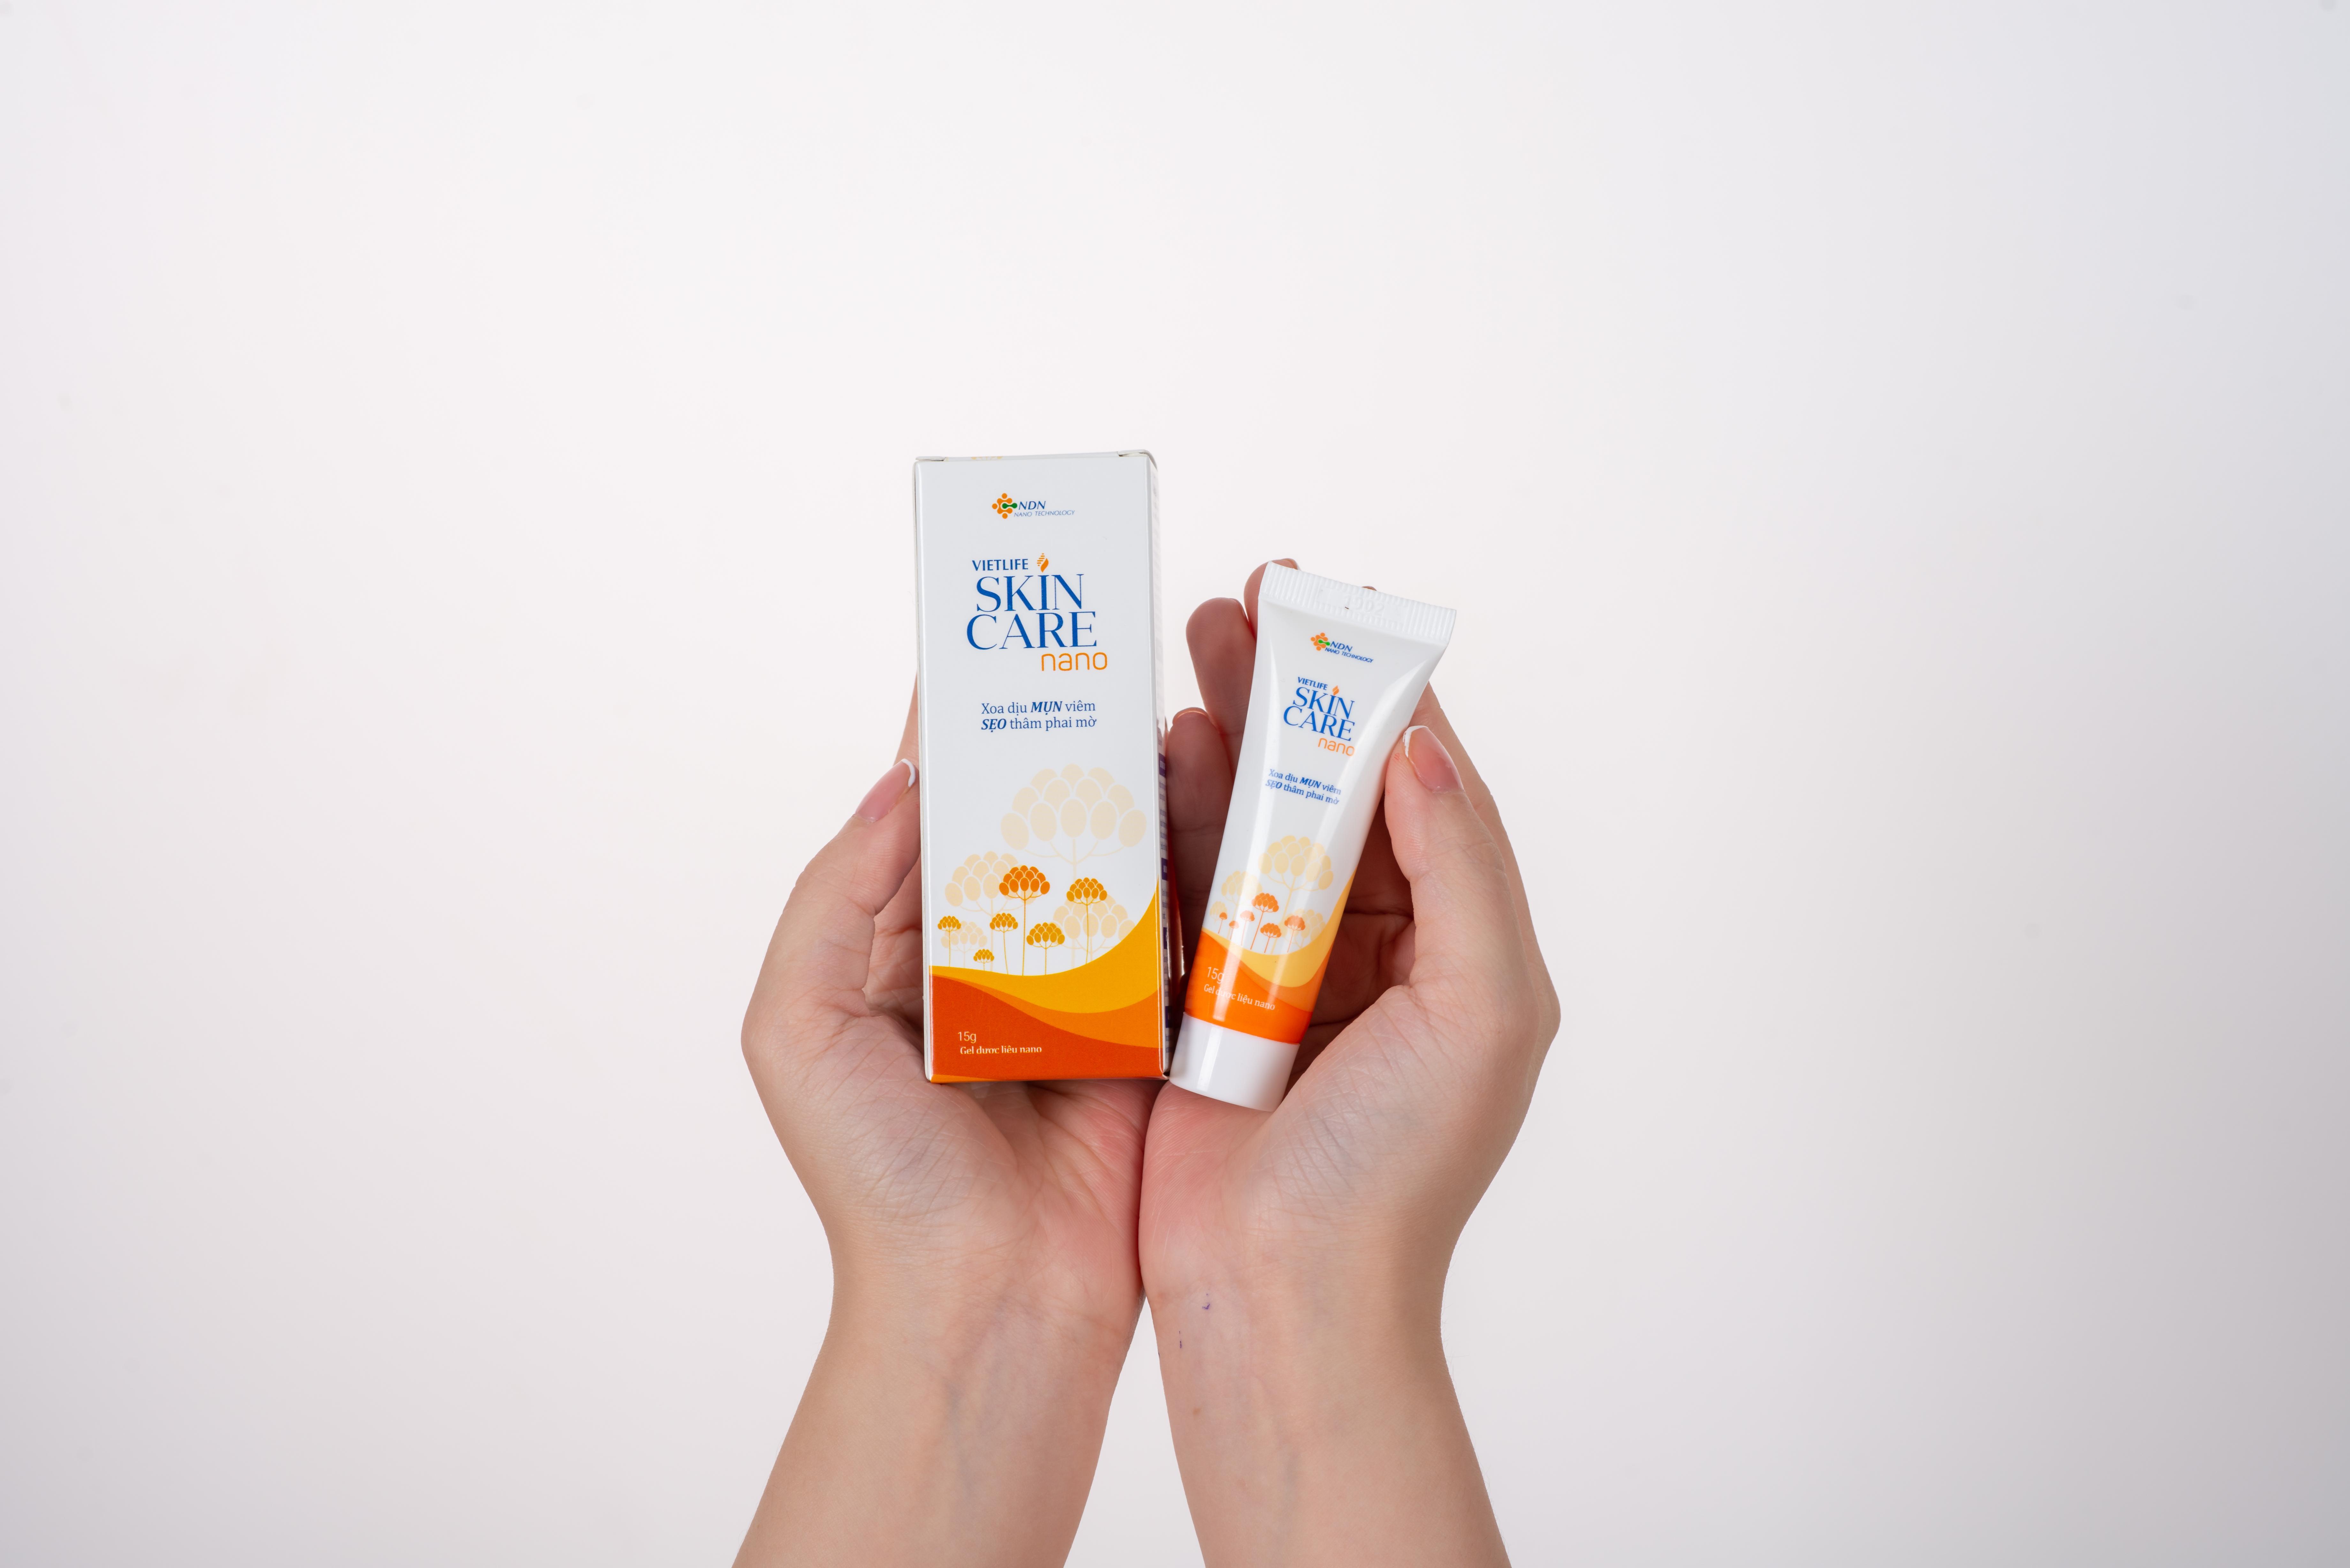 Làm đẹp mùa giáng sinh cùng Vietlife Skincare Nano chỉ 75.000 vnđ, điều bất ngờ 2